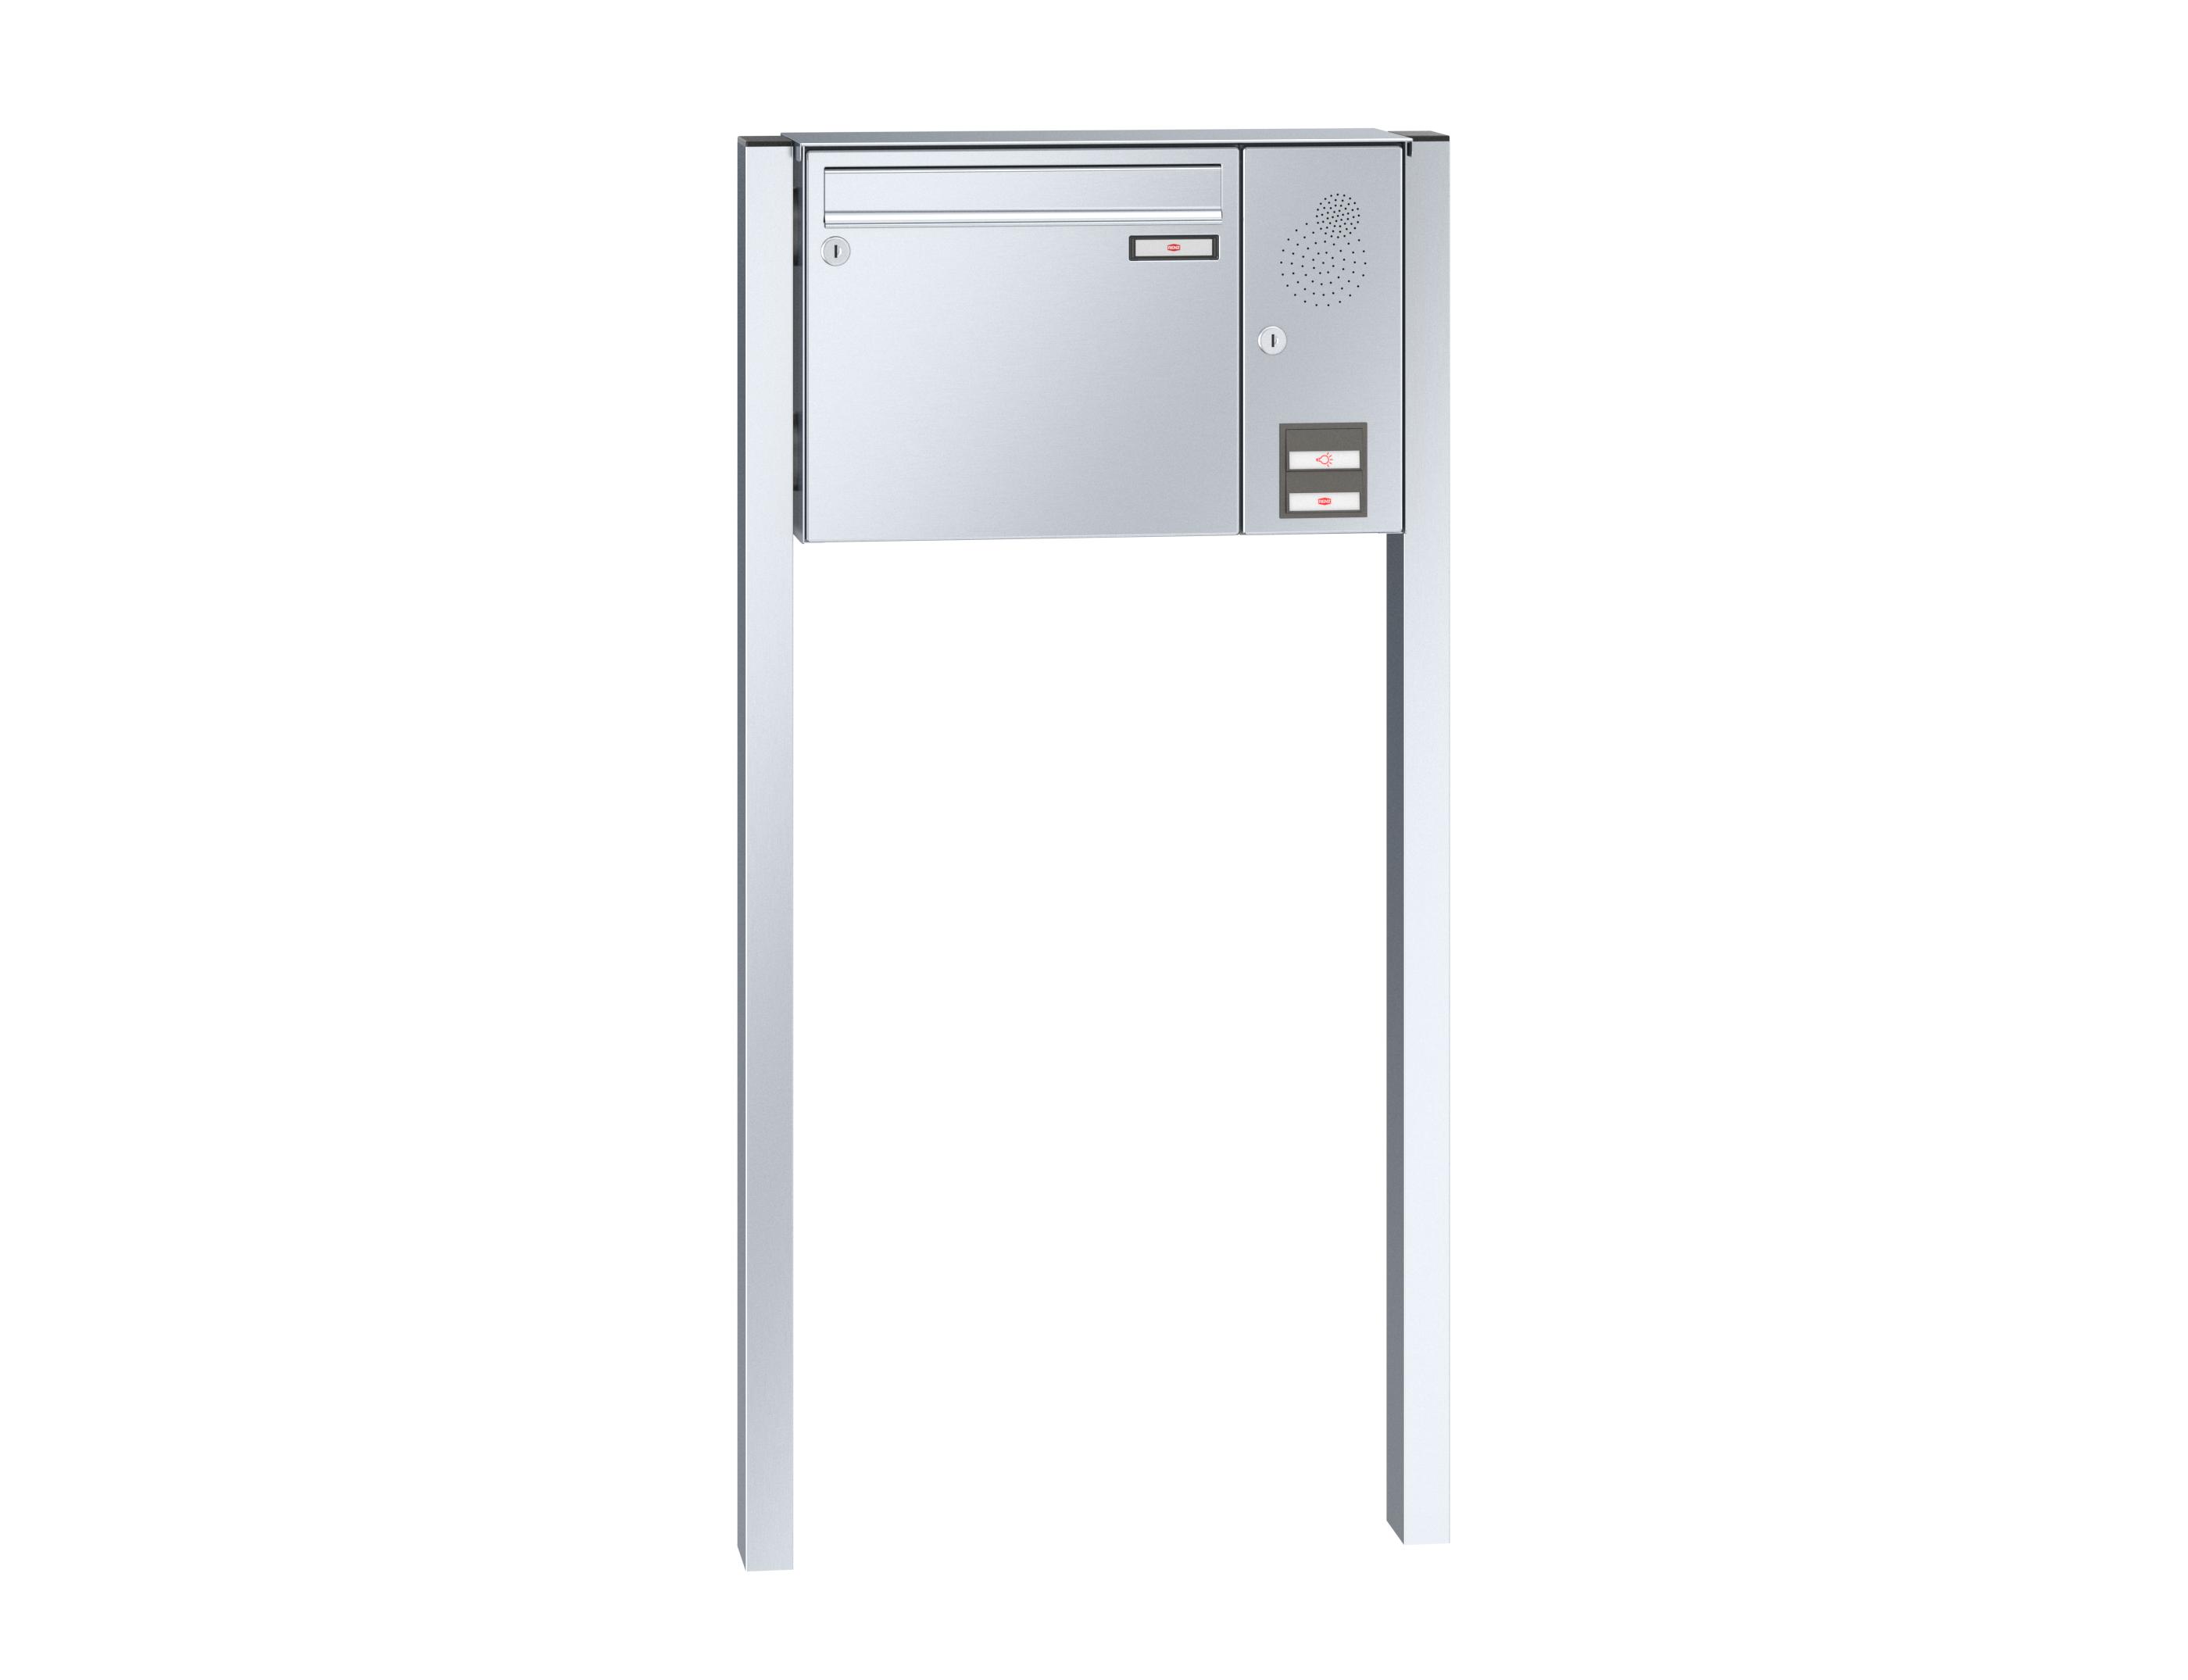 RENZ Briefkastenanlage freistehend, Basic B, Edelstahl V4A, Kastenformat  370x330x145mm, mit Klingel - & Lichttaster und Vorbereitung ...